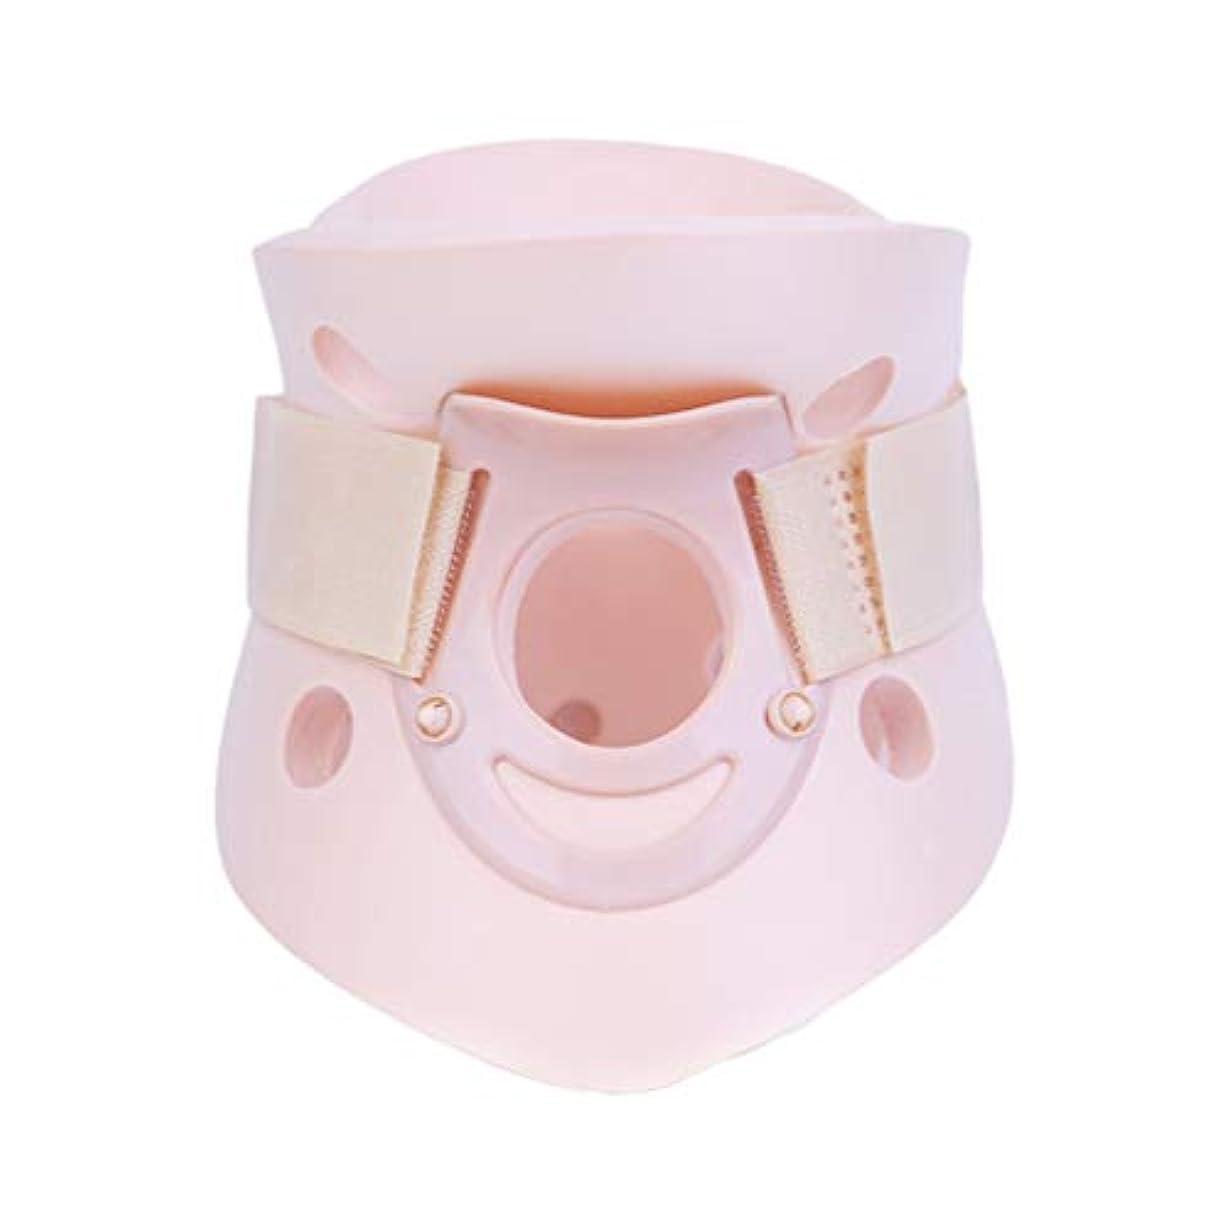 そっとコミュニケーション保存HEALLILY 首装具サポート頸部襟硬い首の痛みの軽減脊椎の首の健康管理首の痛みの軽減-サイズm